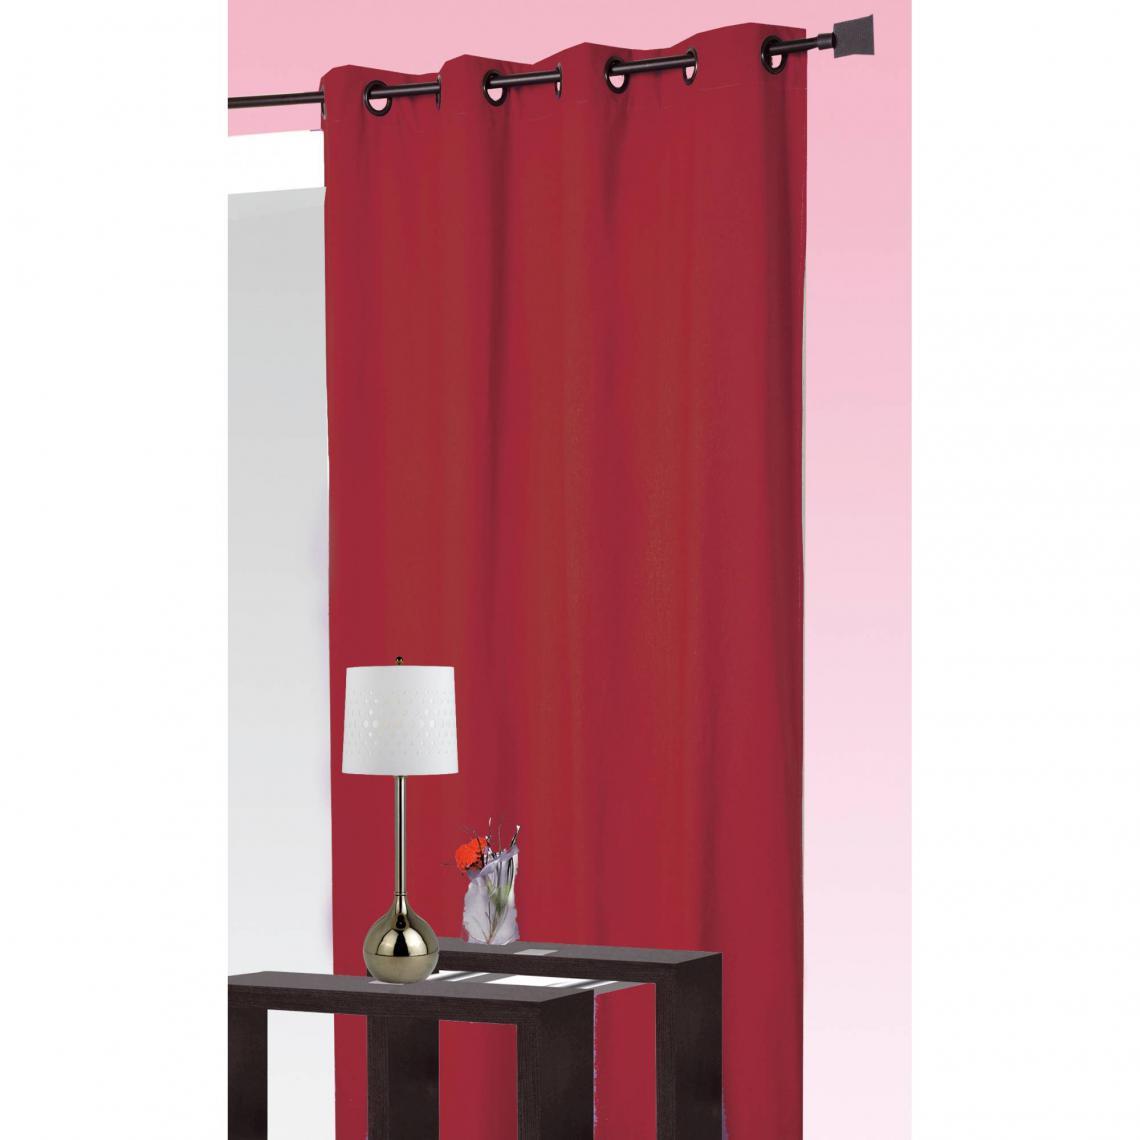 rideau occultant et isolant thermique a oeillets home maison rouge